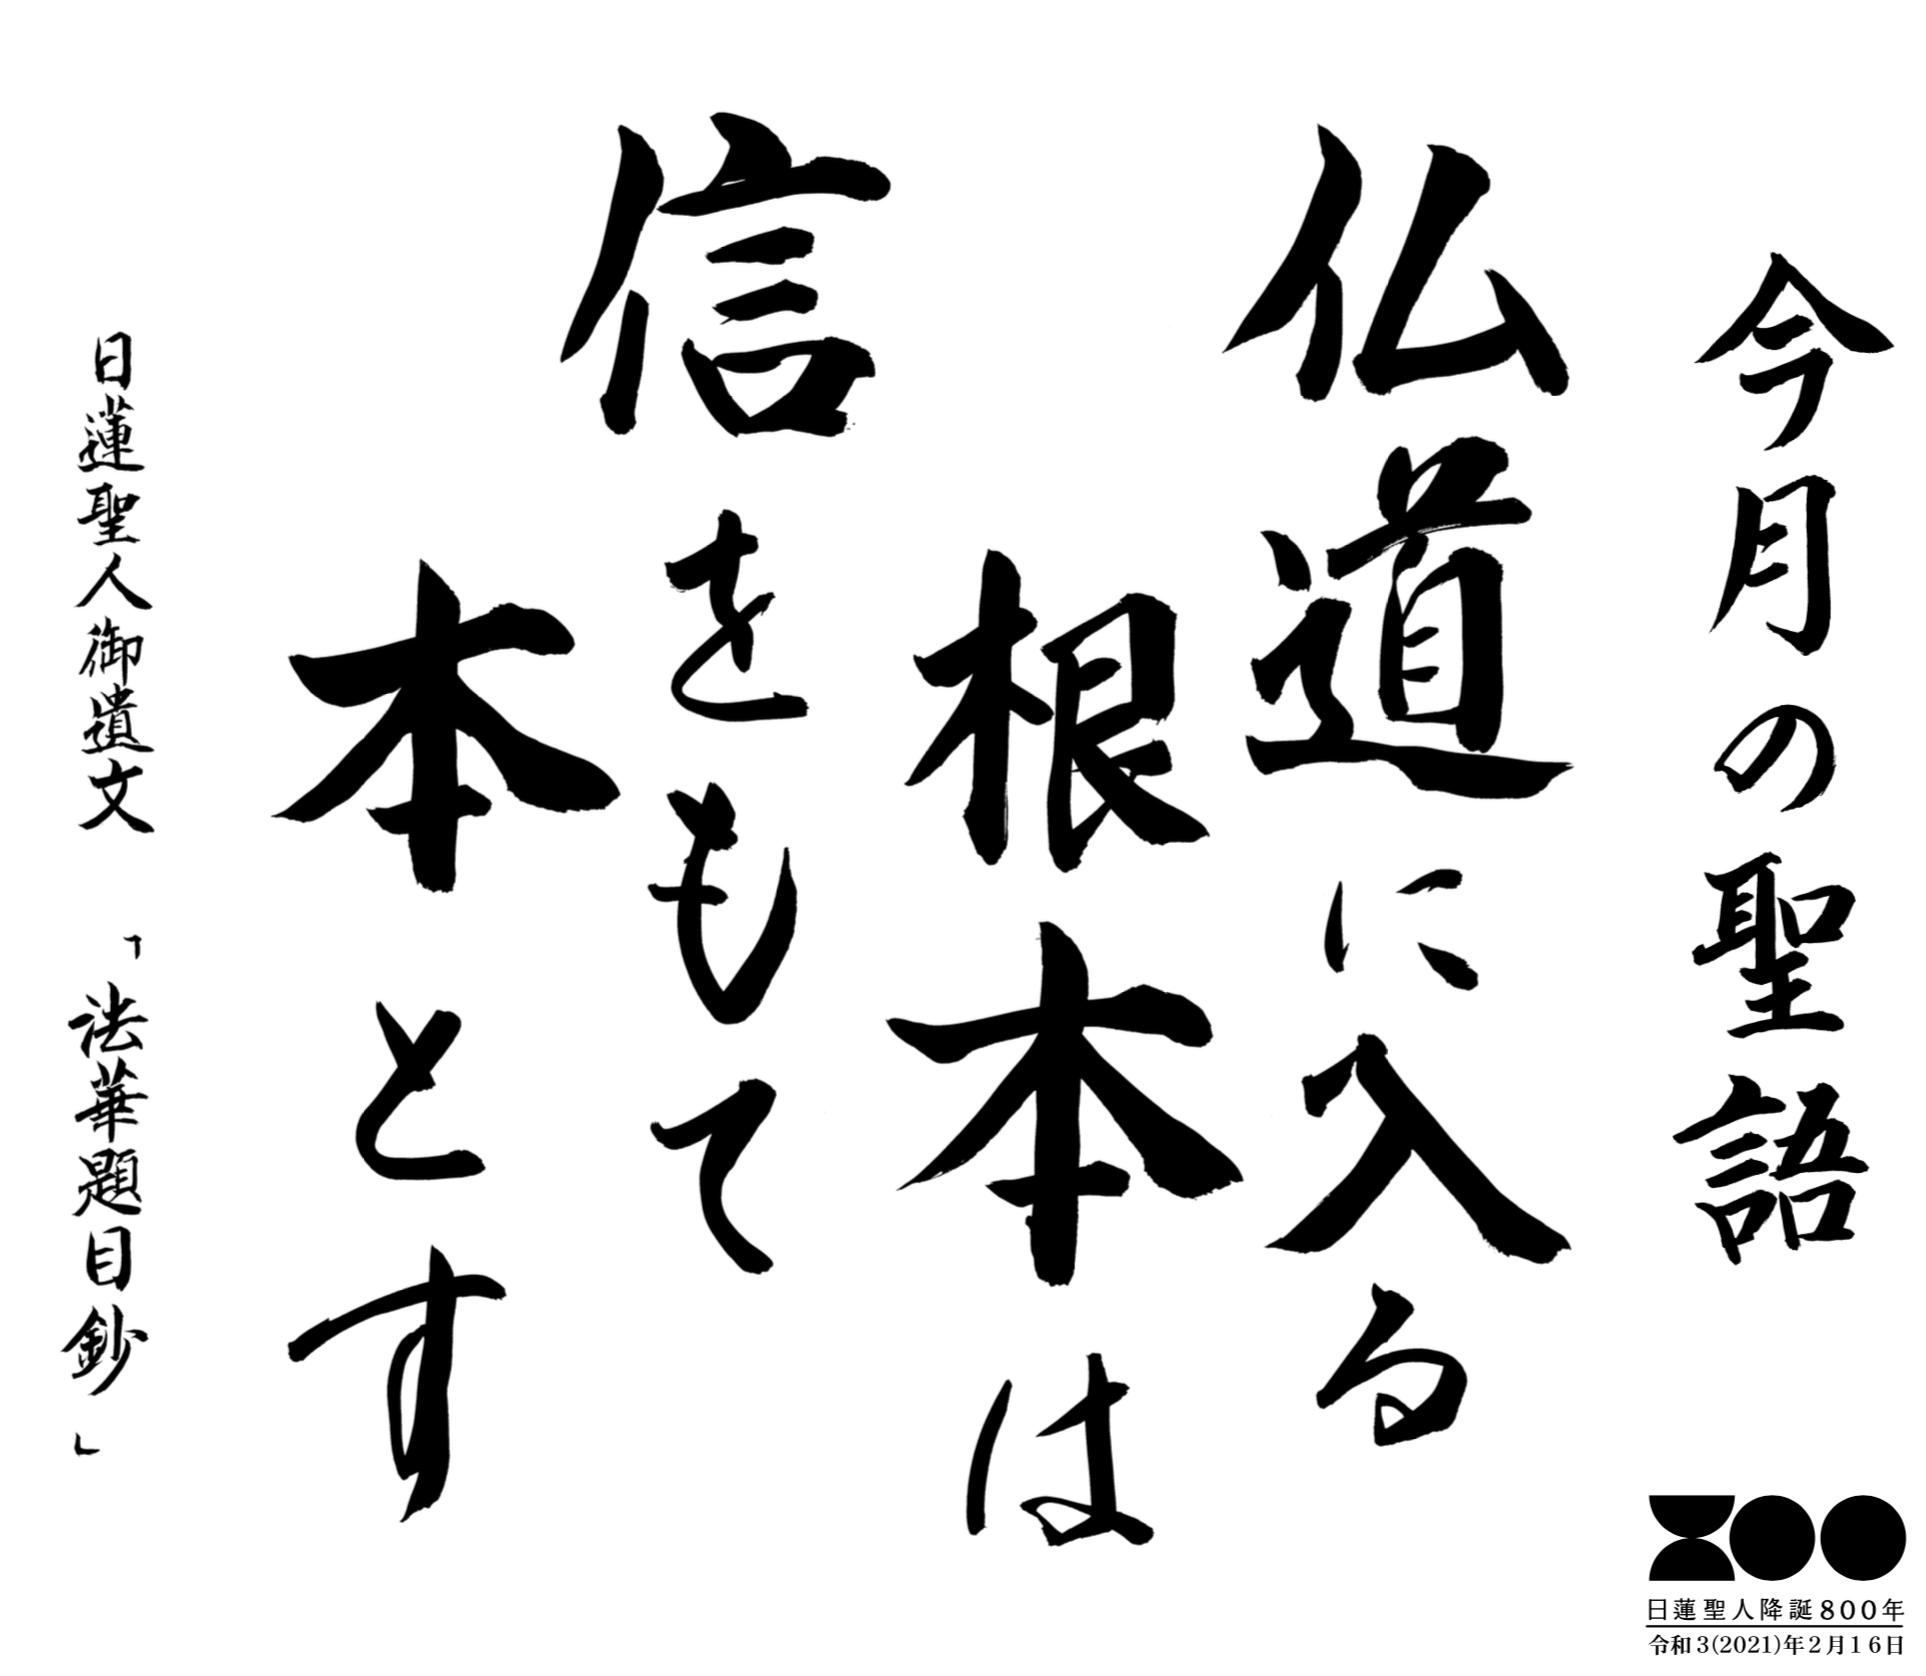 仏道に入る根本は信をもて本とす|今月の聖語|法話|日蓮宗ポータルサイト